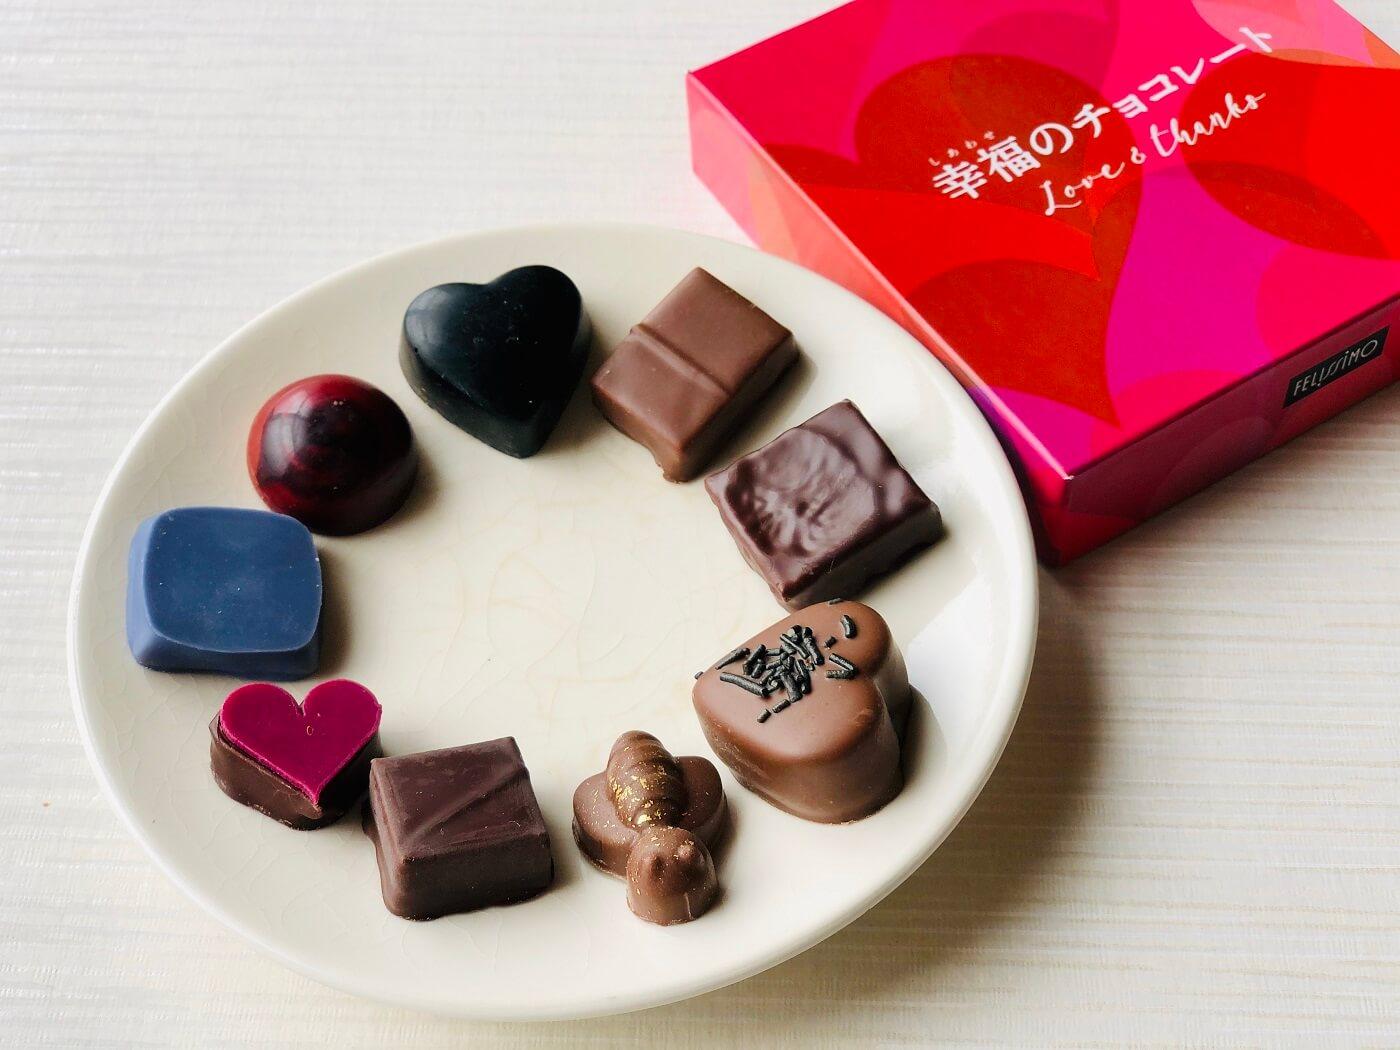 幸福(しあわせ)のチョコレート